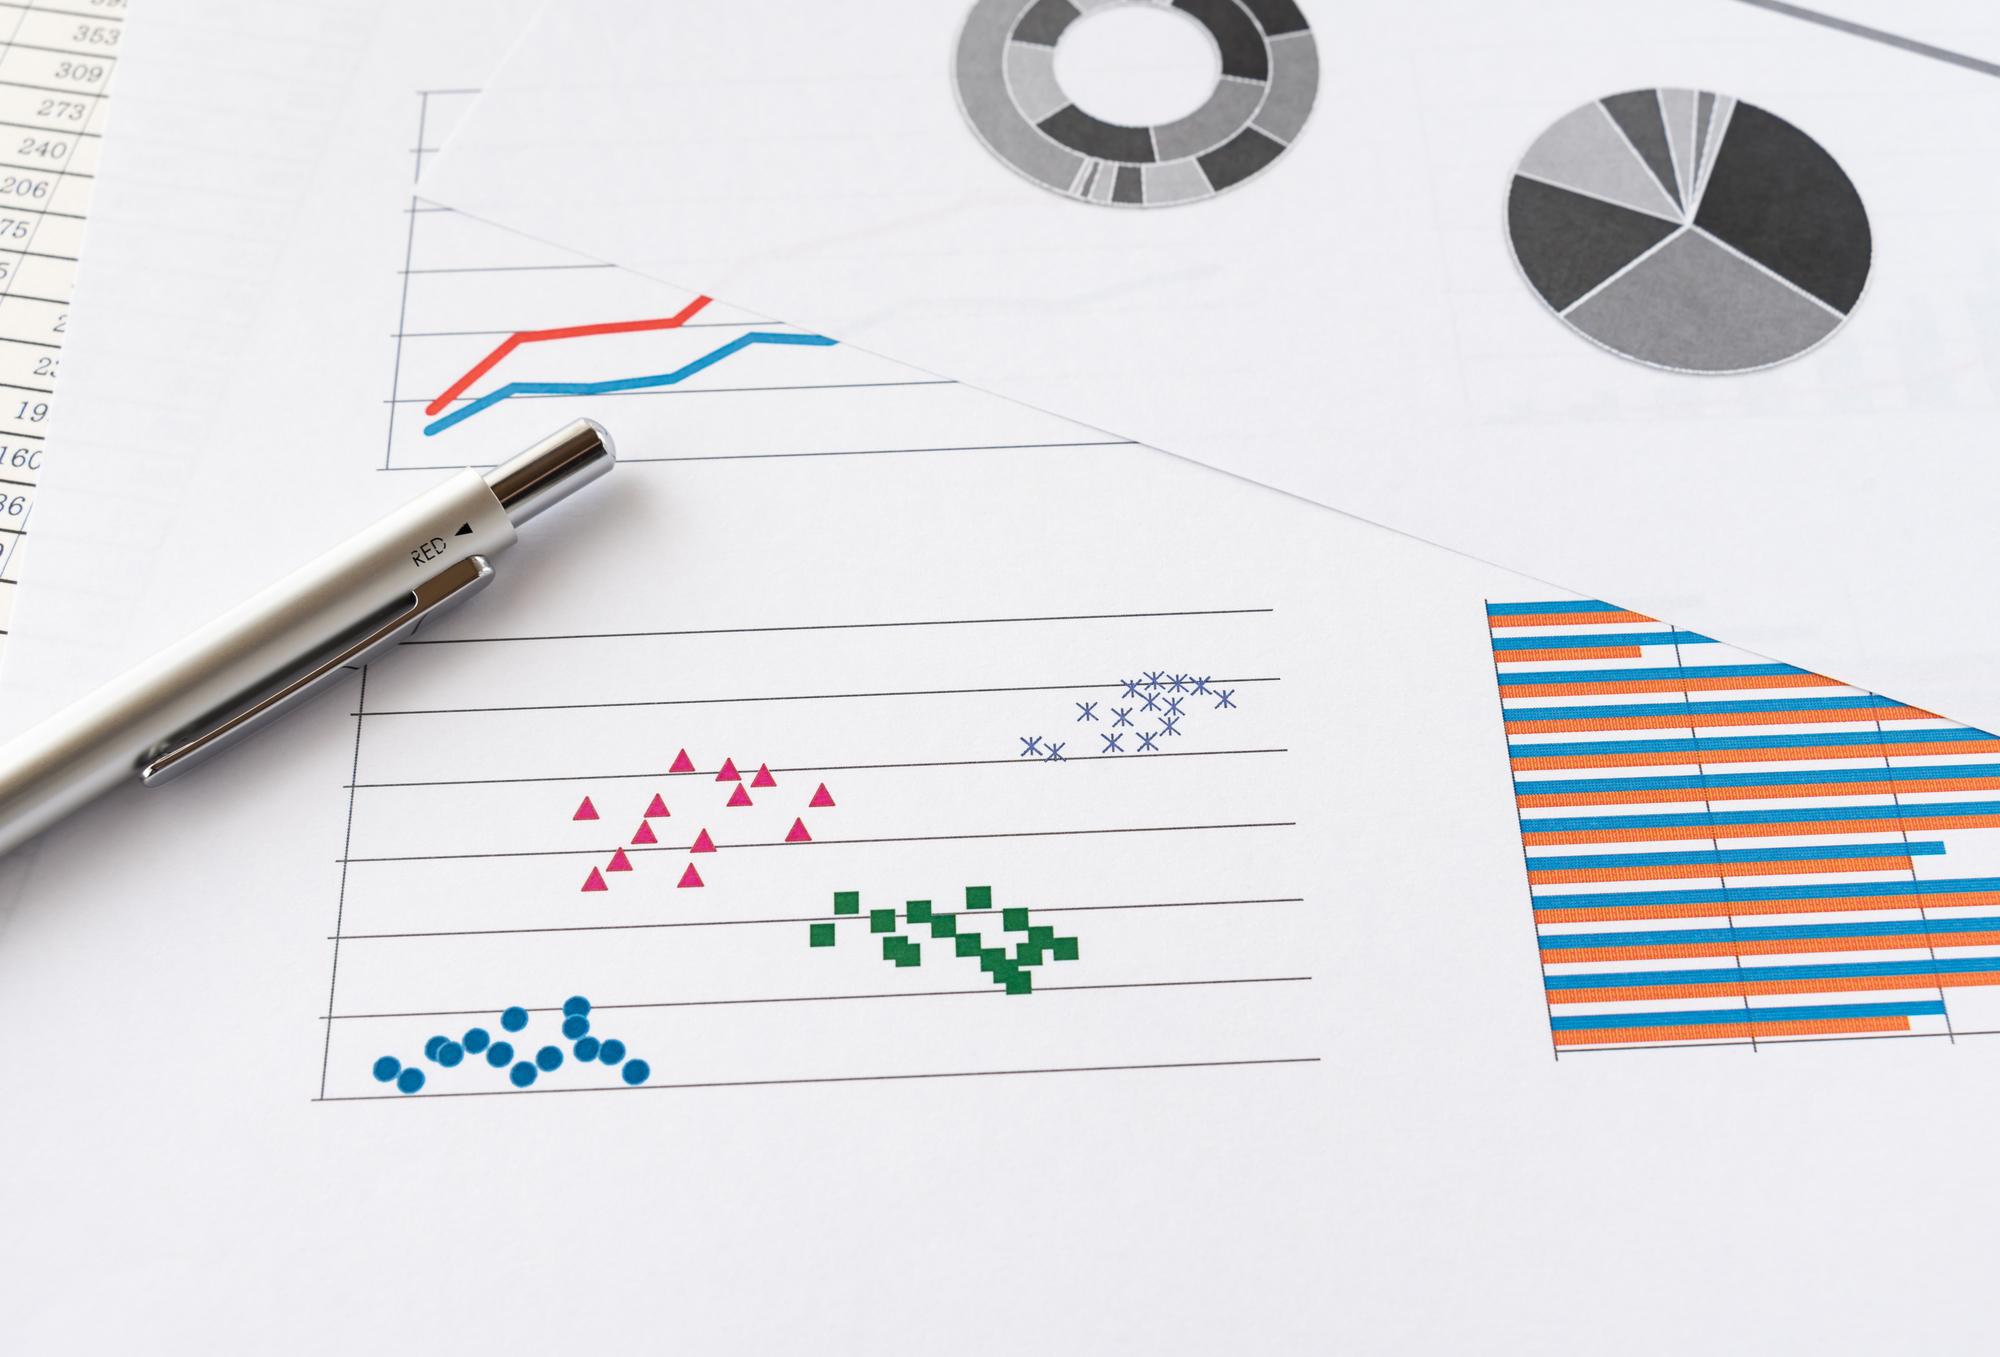 満室経営への最短距離?!マーケティングの観点から考えるリフォーム